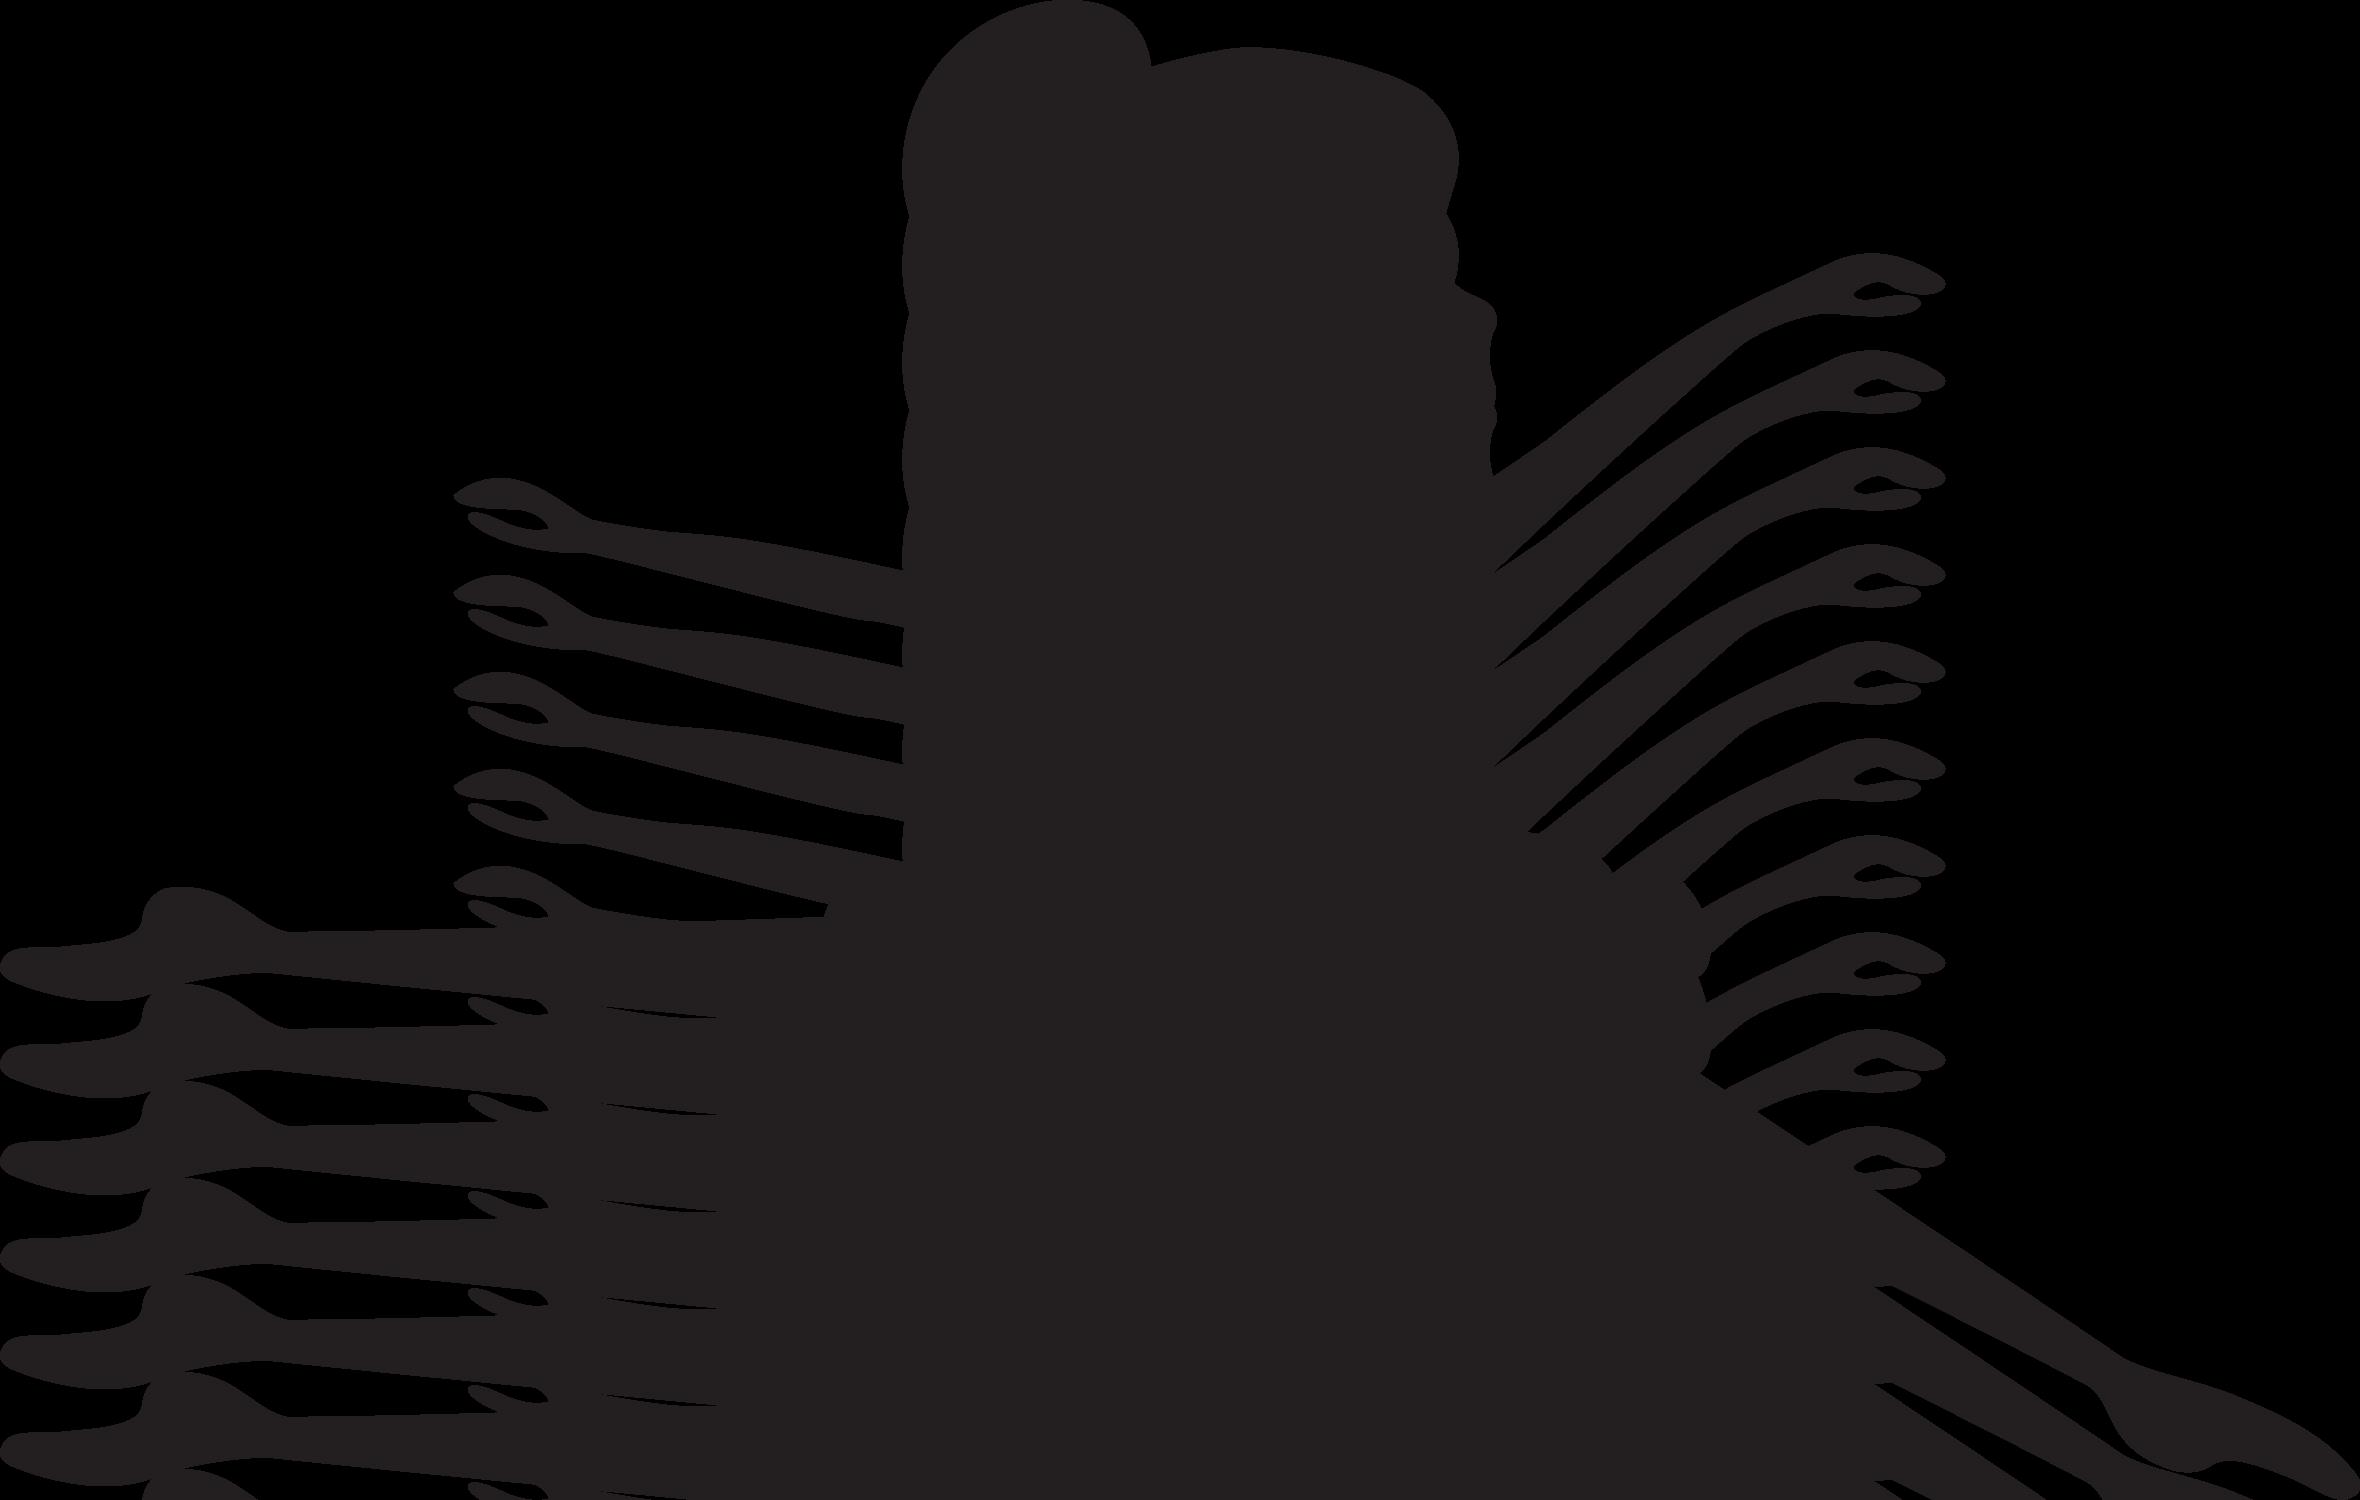 Шаблон балерины для открытки